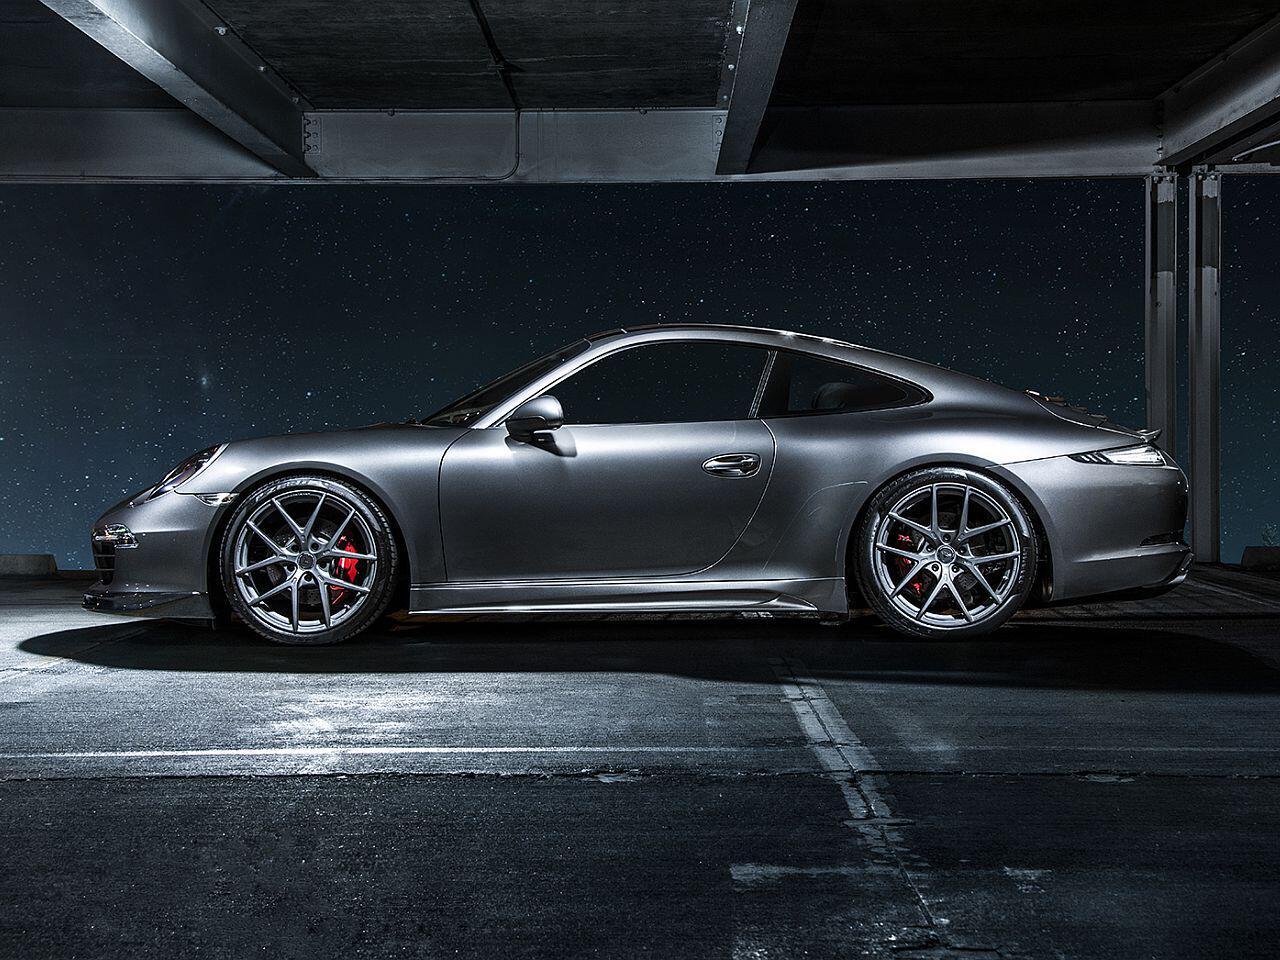 Bild zu Zahlreiche Karbon-Teile lassen den Porsche 991 noch sportlicher aussehen...